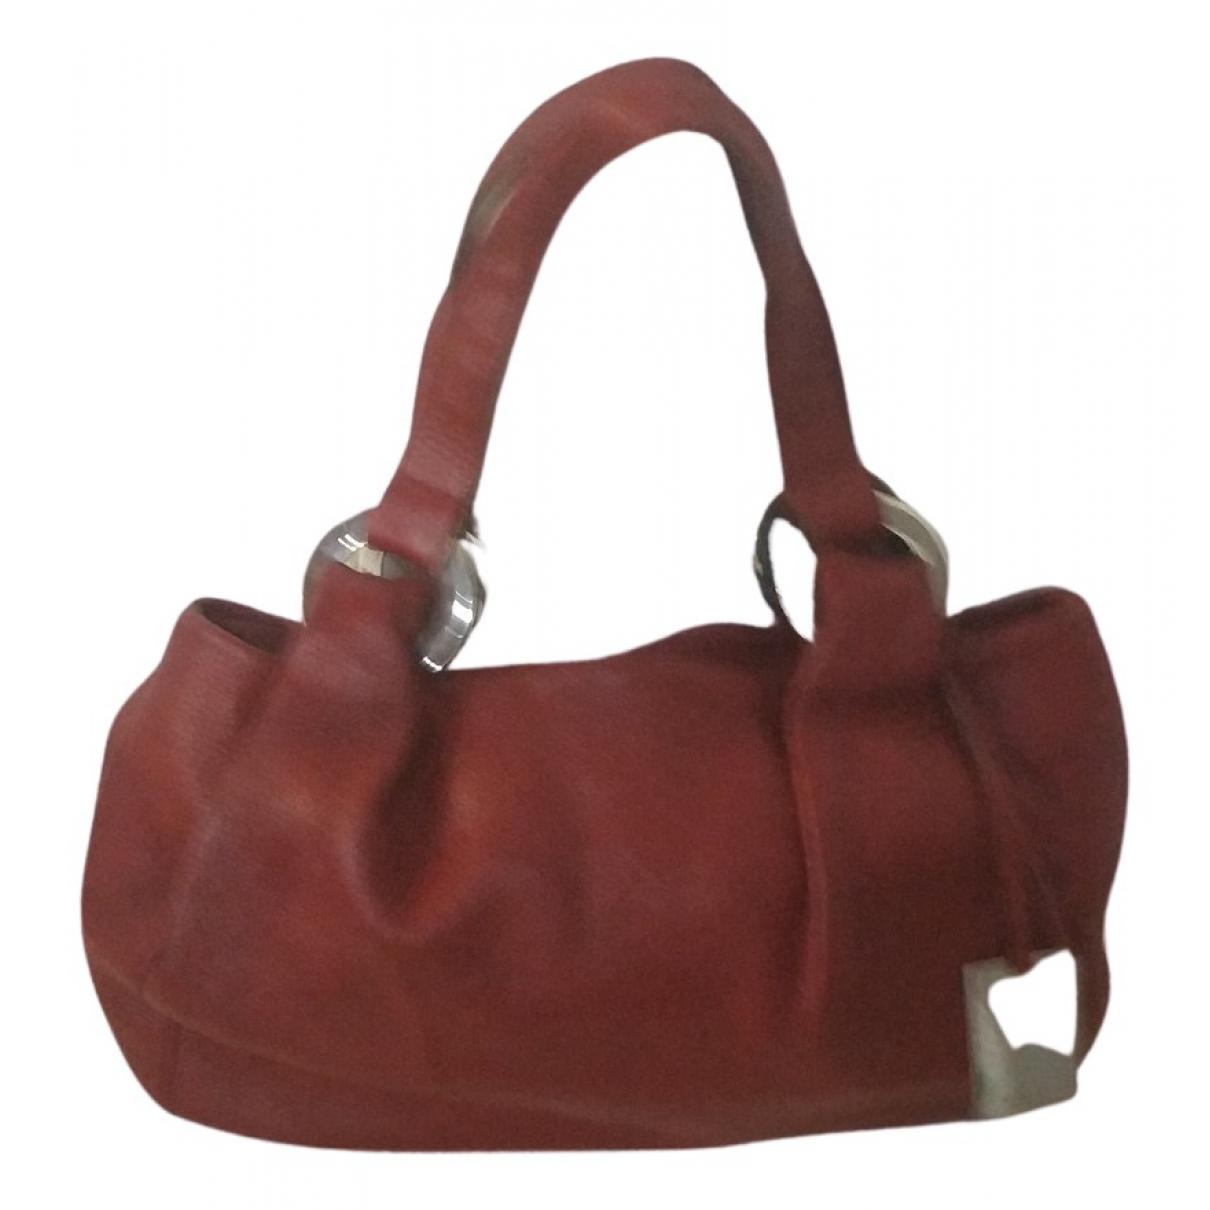 Furla - Sac a main Candy Bag pour femme en cuir - bordeaux